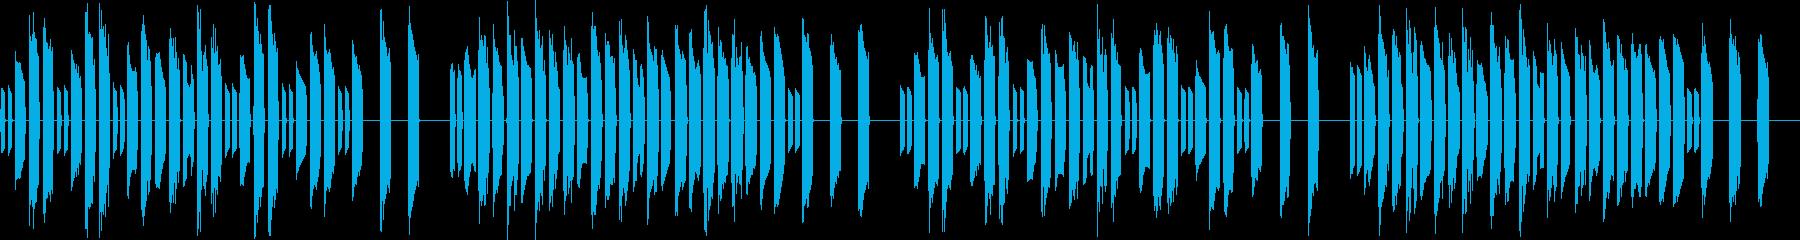 3分クッキングの原曲【シンセ】ループ2の再生済みの波形